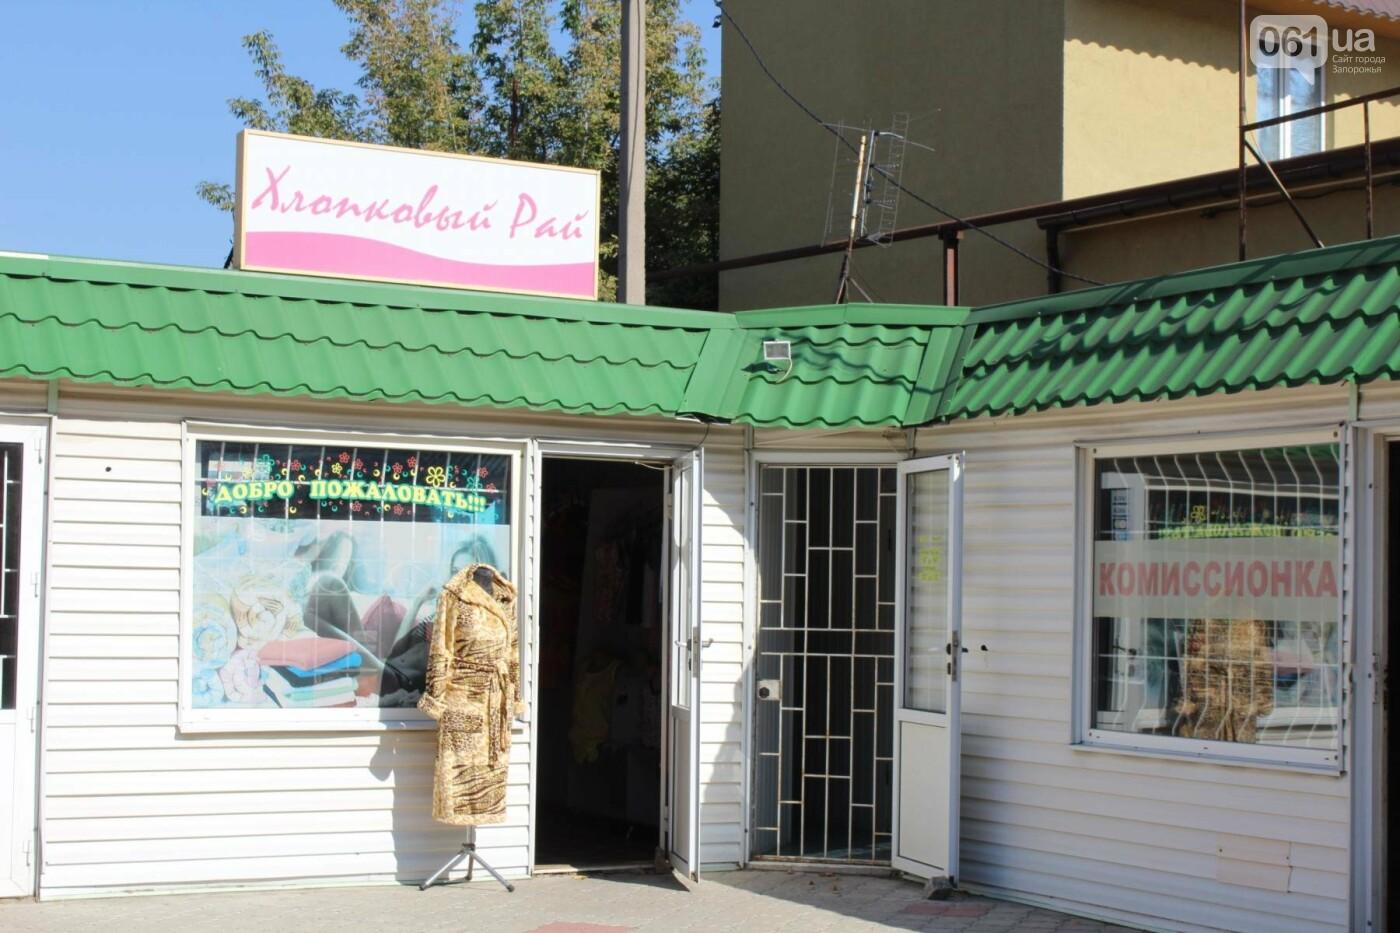 Как там в Токмаке: репортаж из официально депрессивного города, фото-39